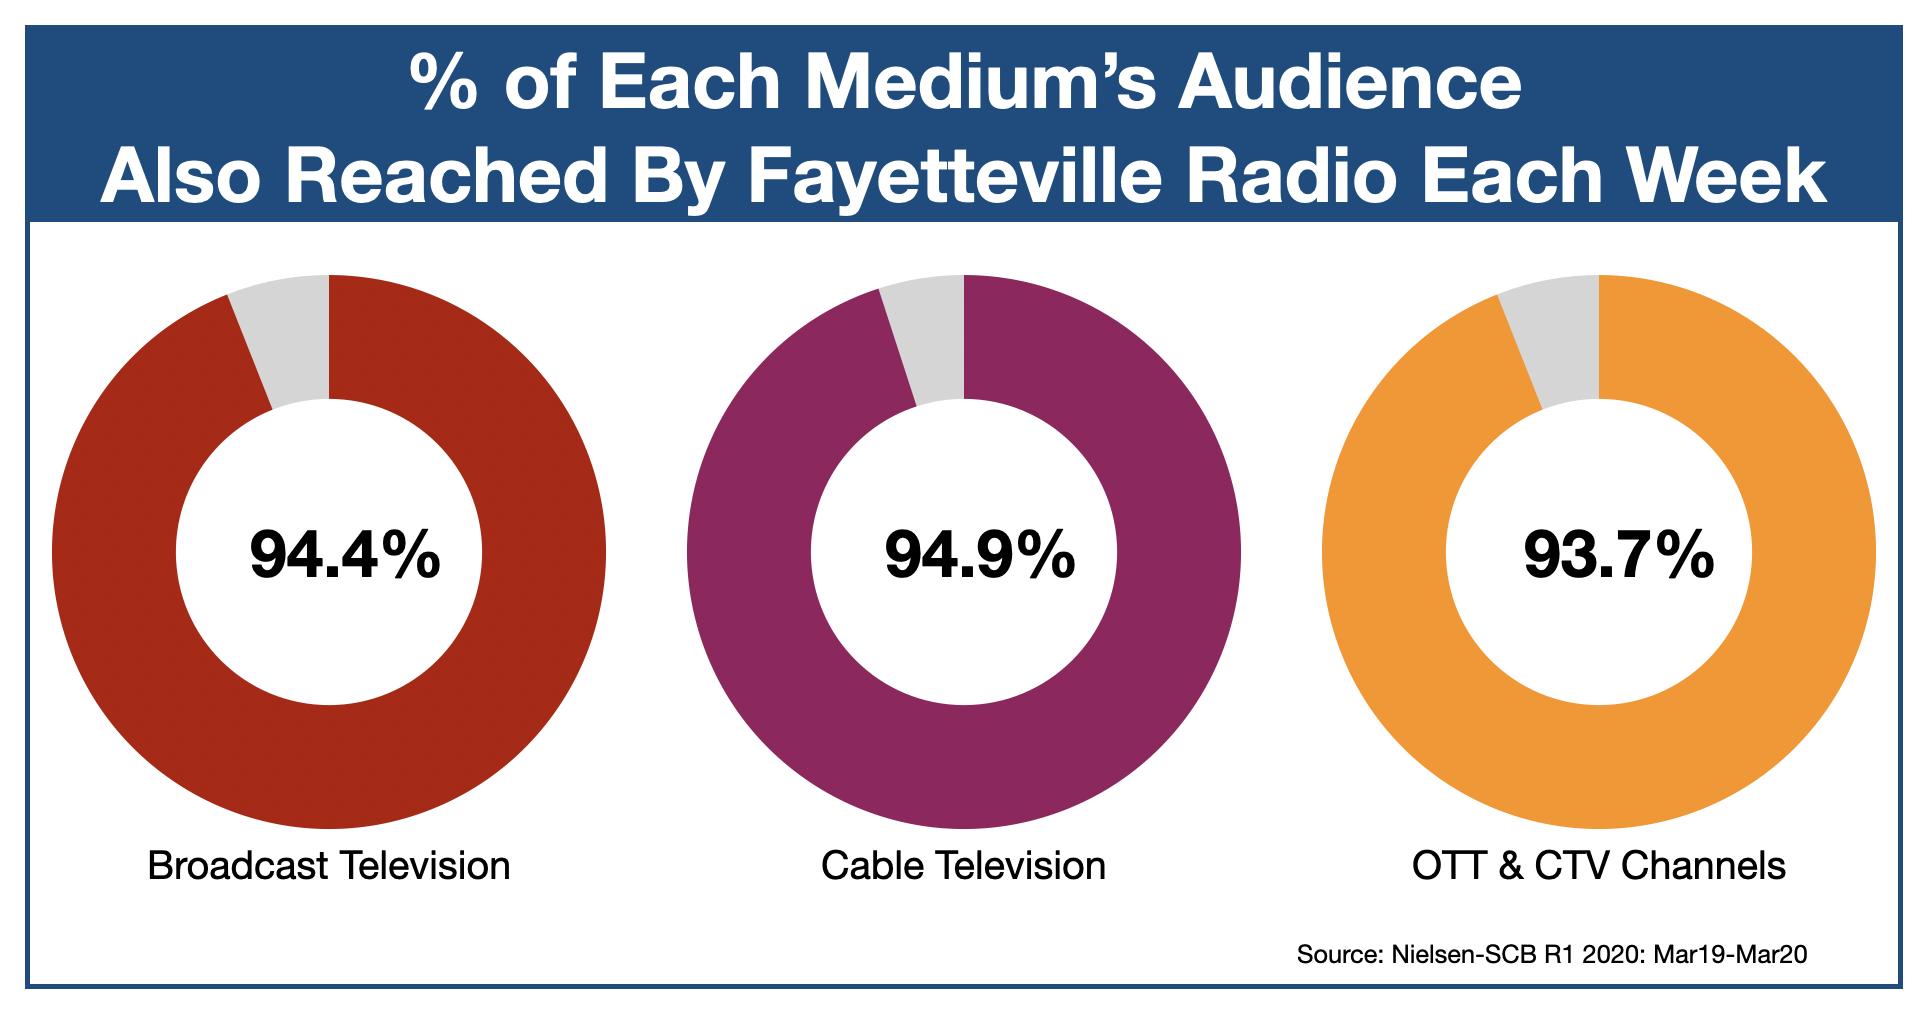 OTT & CTV advertising in Fayetteville